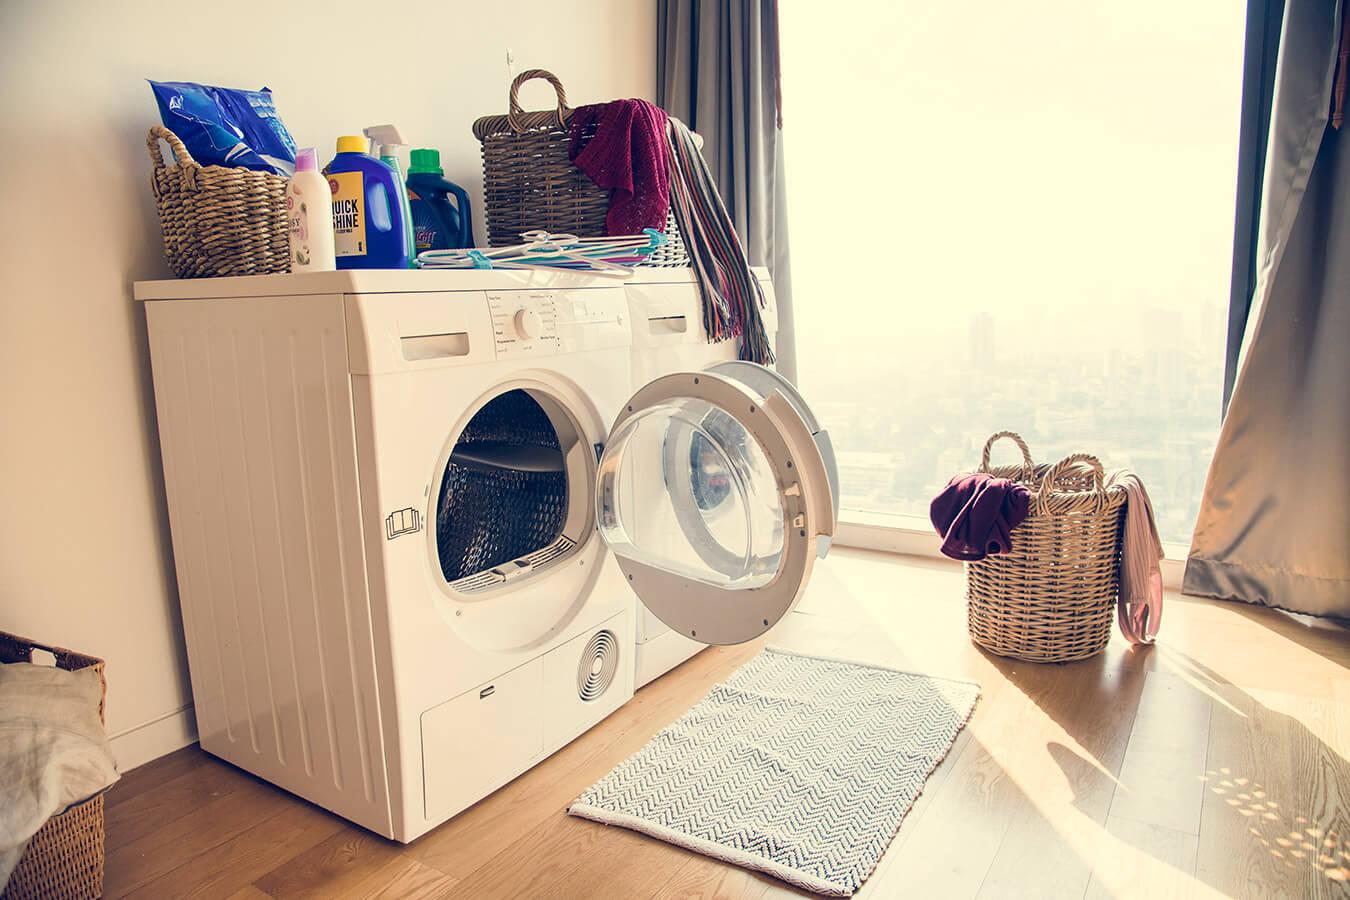 Brzydki zapach z pralki – Dlaczego śmierdzi z pralki? Jak usunąć nieprzyjemny zapach z pralki?